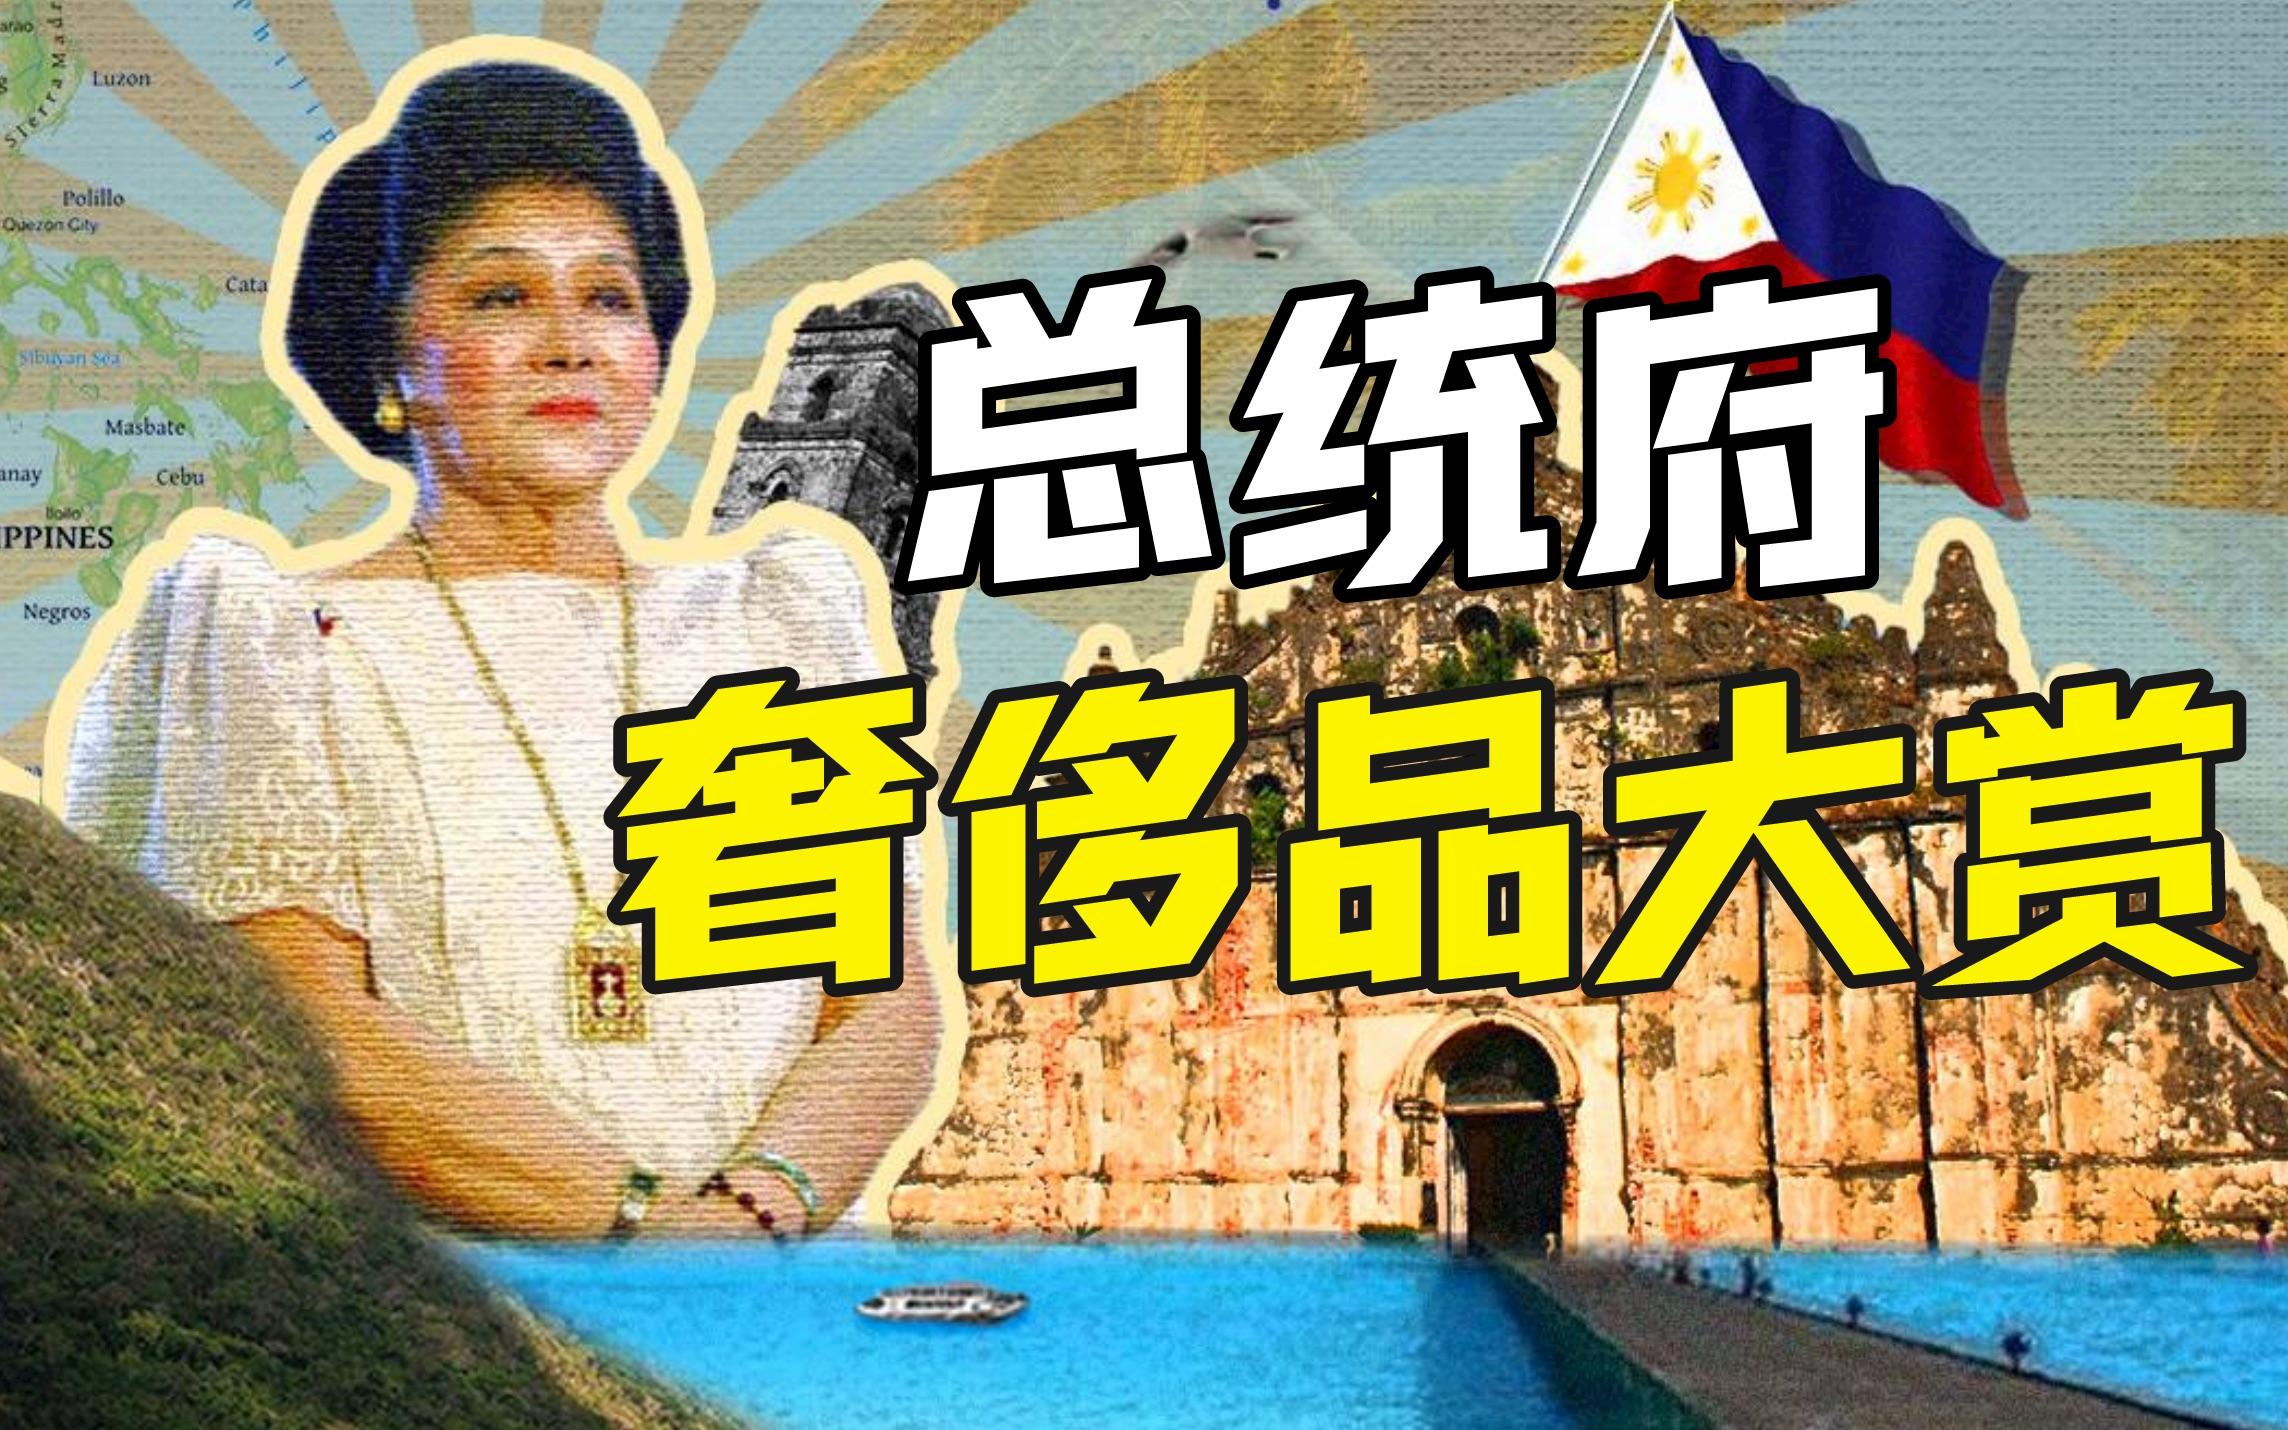 菲律宾总统是亚洲首富吗? 【奇葩小国14】